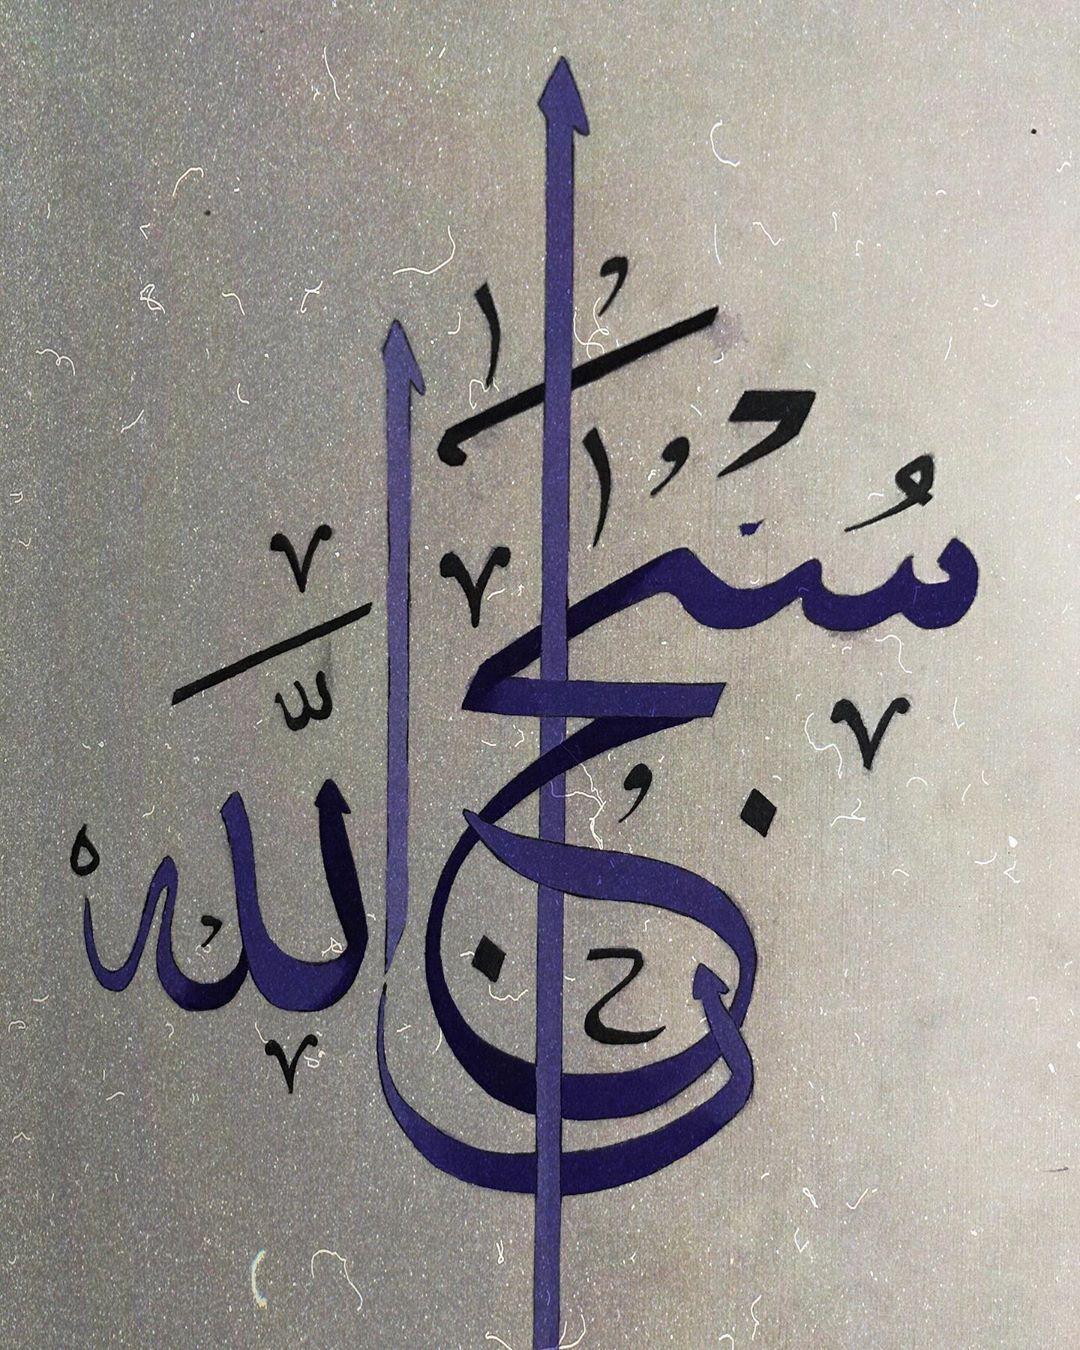 اسية On Instagram Vot Takaya Krasota Dlya Lyubimoj Teti Arabskaya Kalligrafiya Dlya Zakaza V Direkt Nadp Arabskaya Kalligrafiya Kalligrafiya Milye Risunki